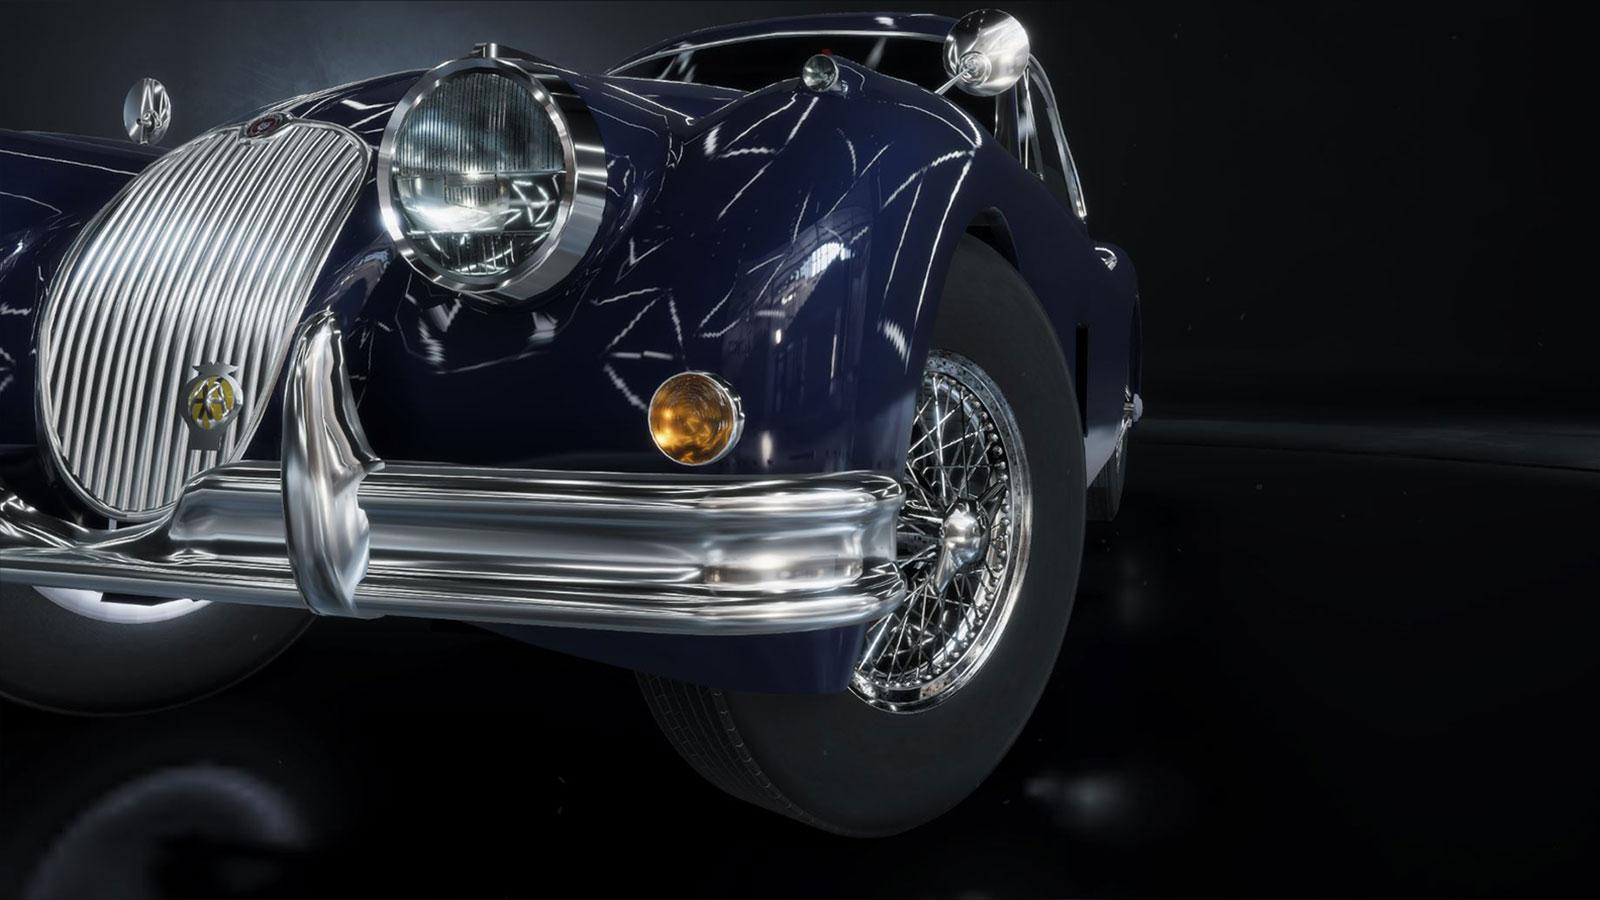 jaguarXK150_blue_detail